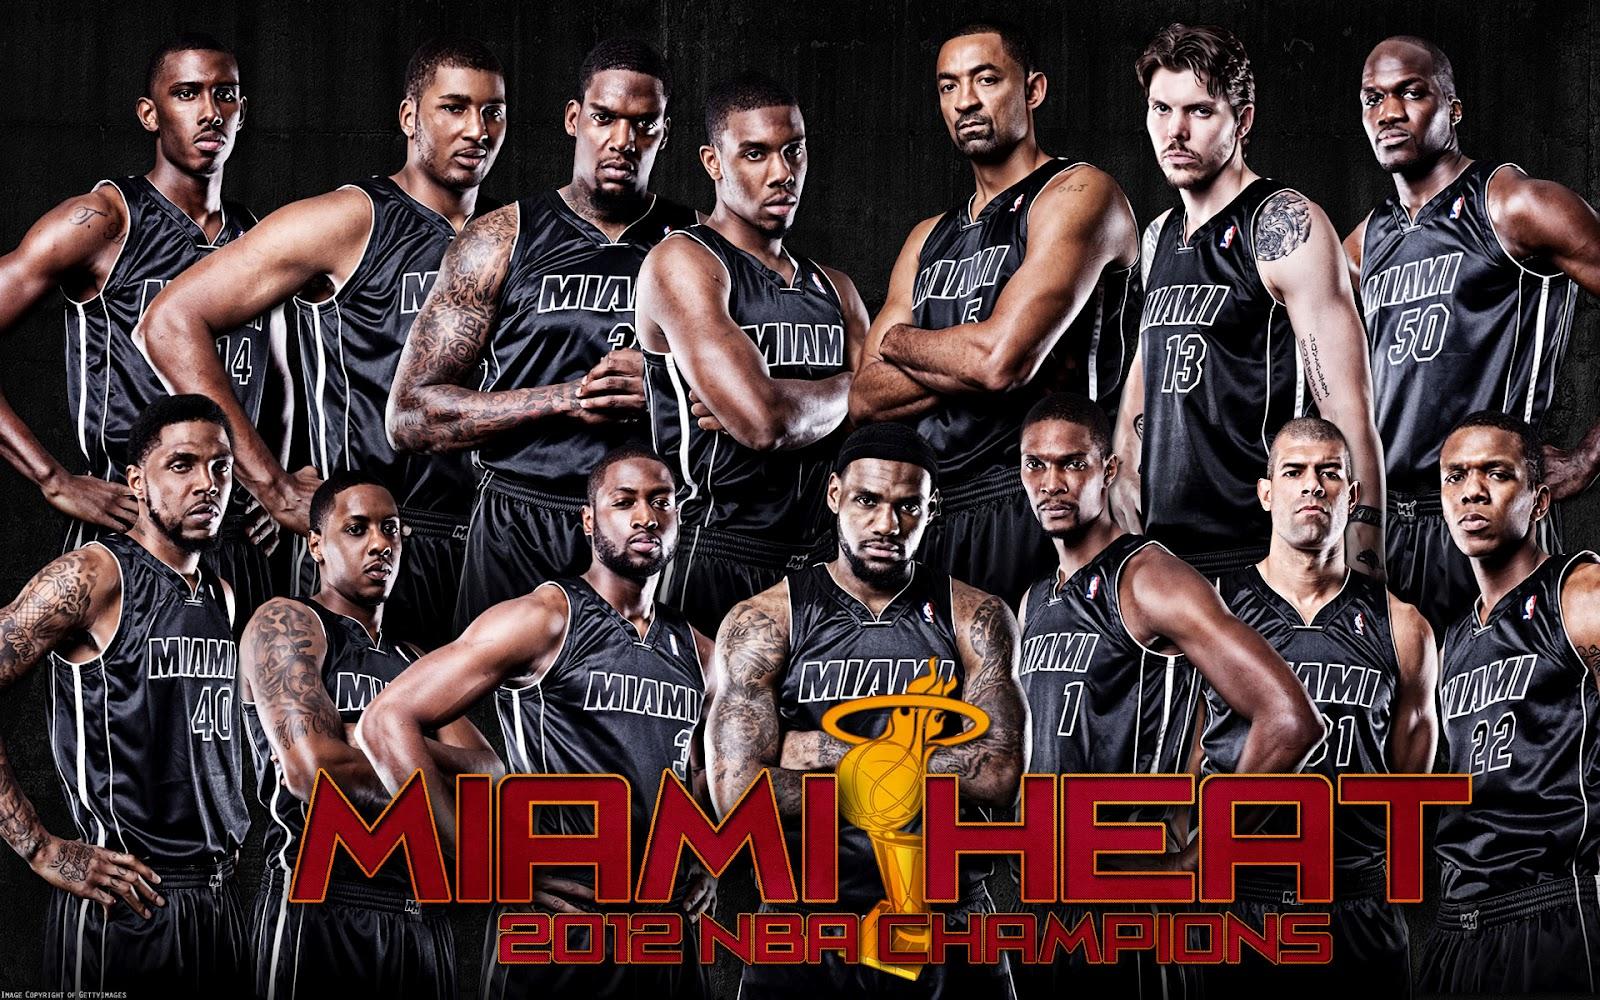 Miami Heat 2012 NBA Champions Roster Wallpaper ~ Big Fan ...